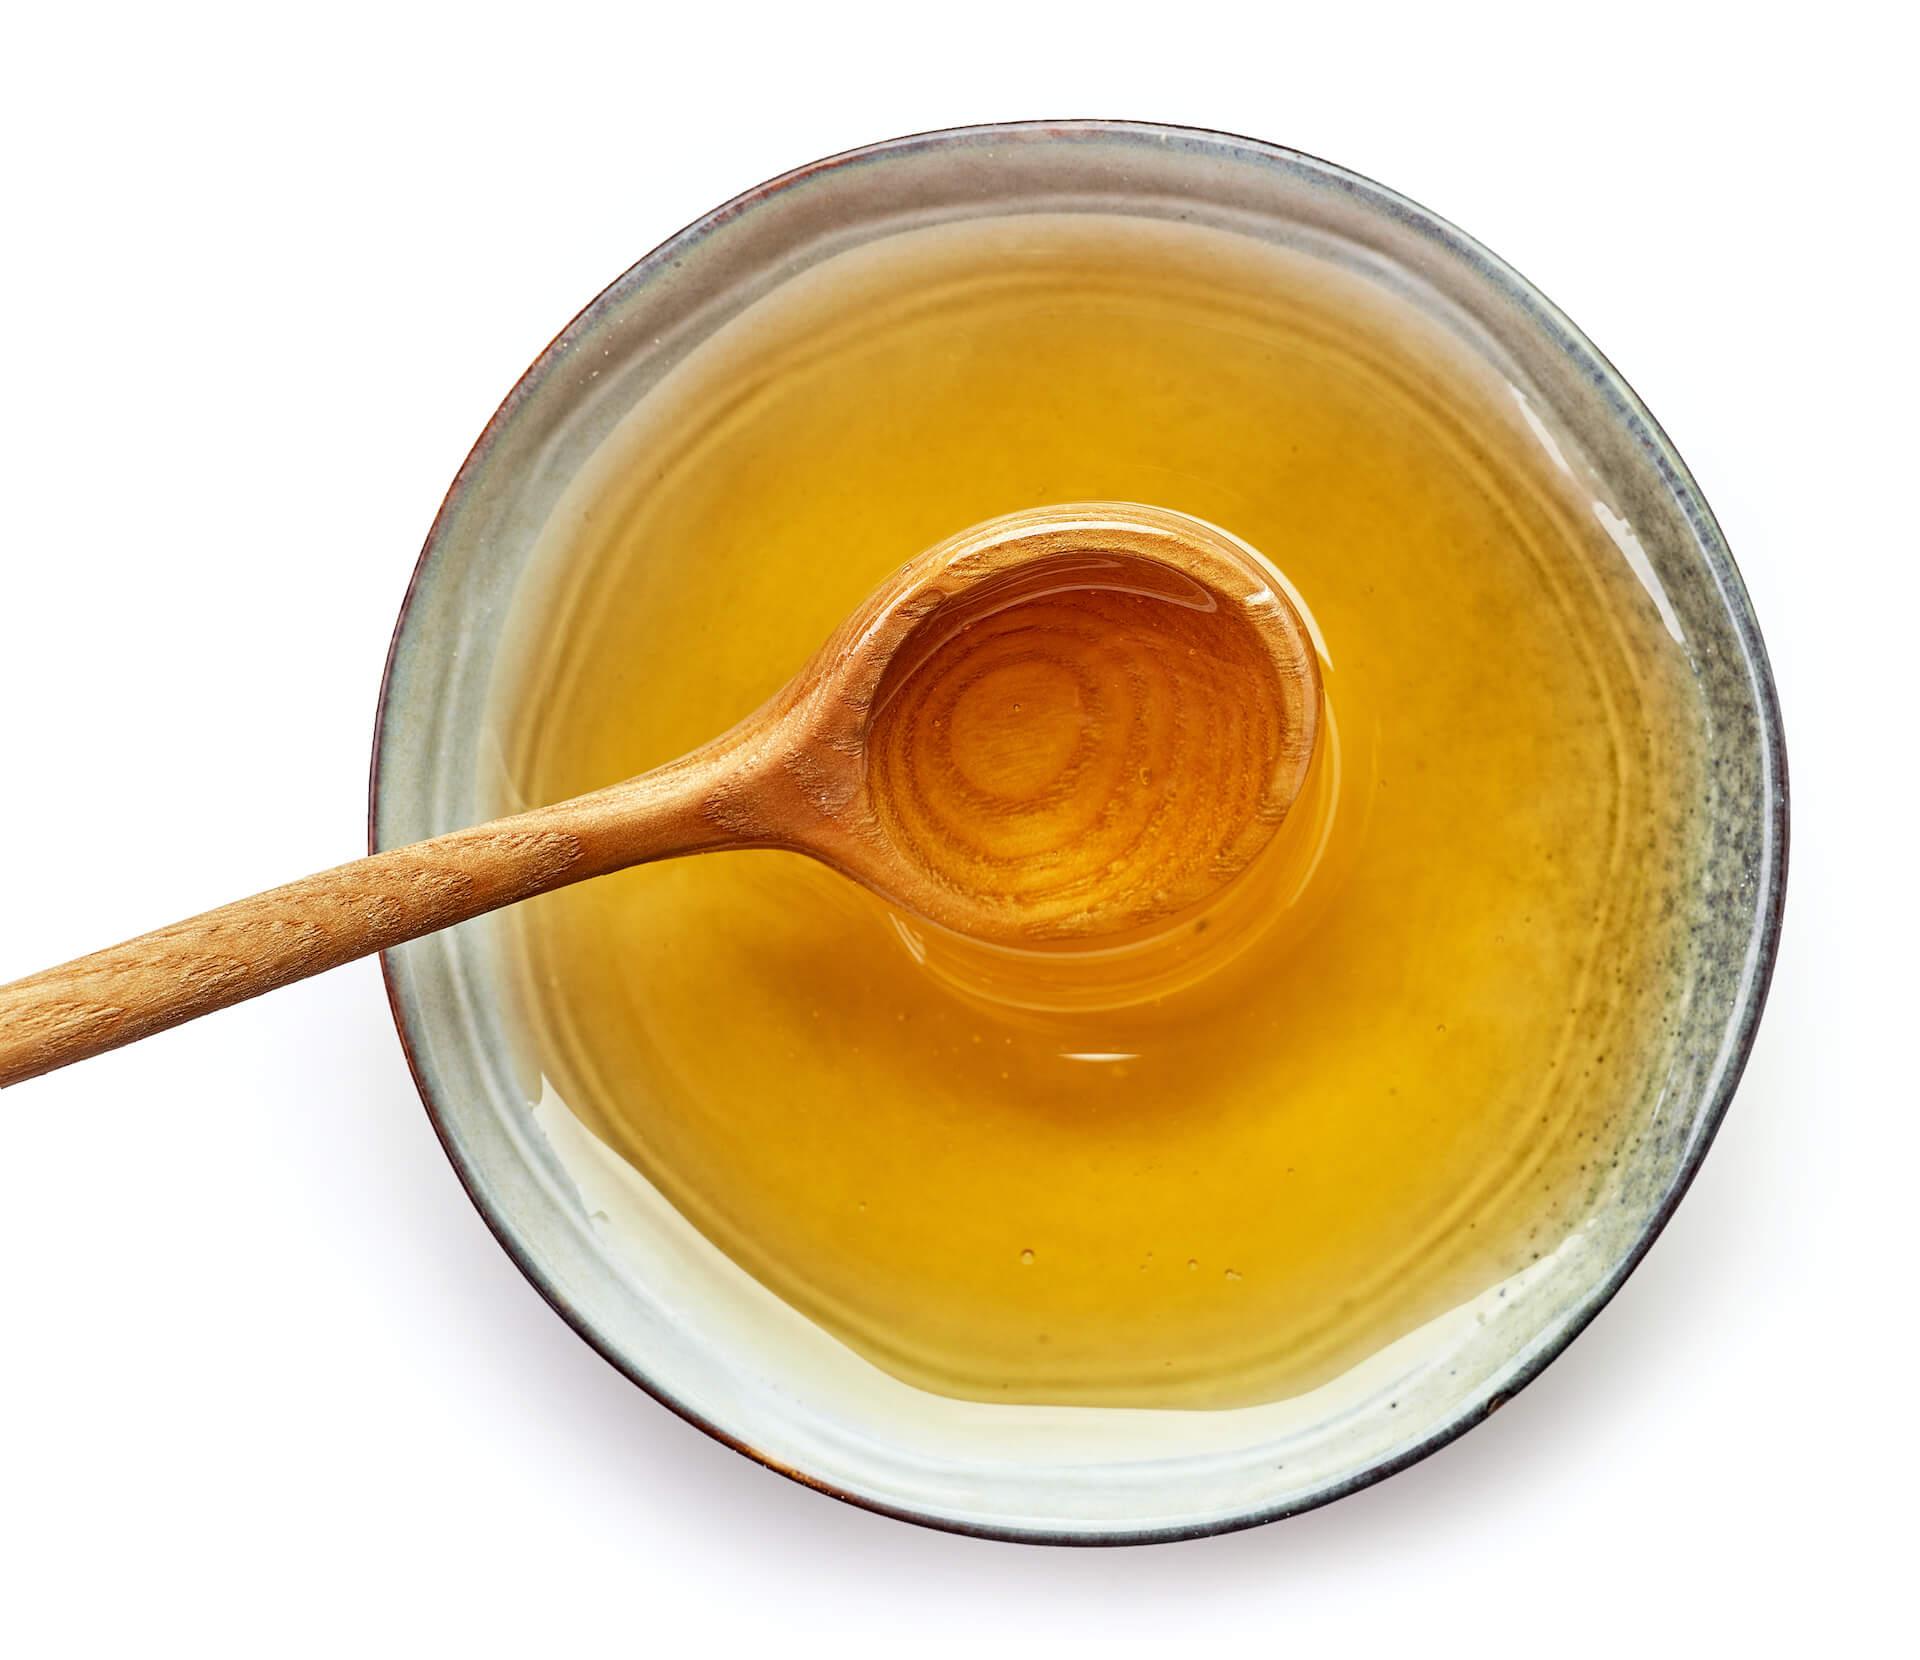 Med u keramičkoj posudi s drvenom žlicom